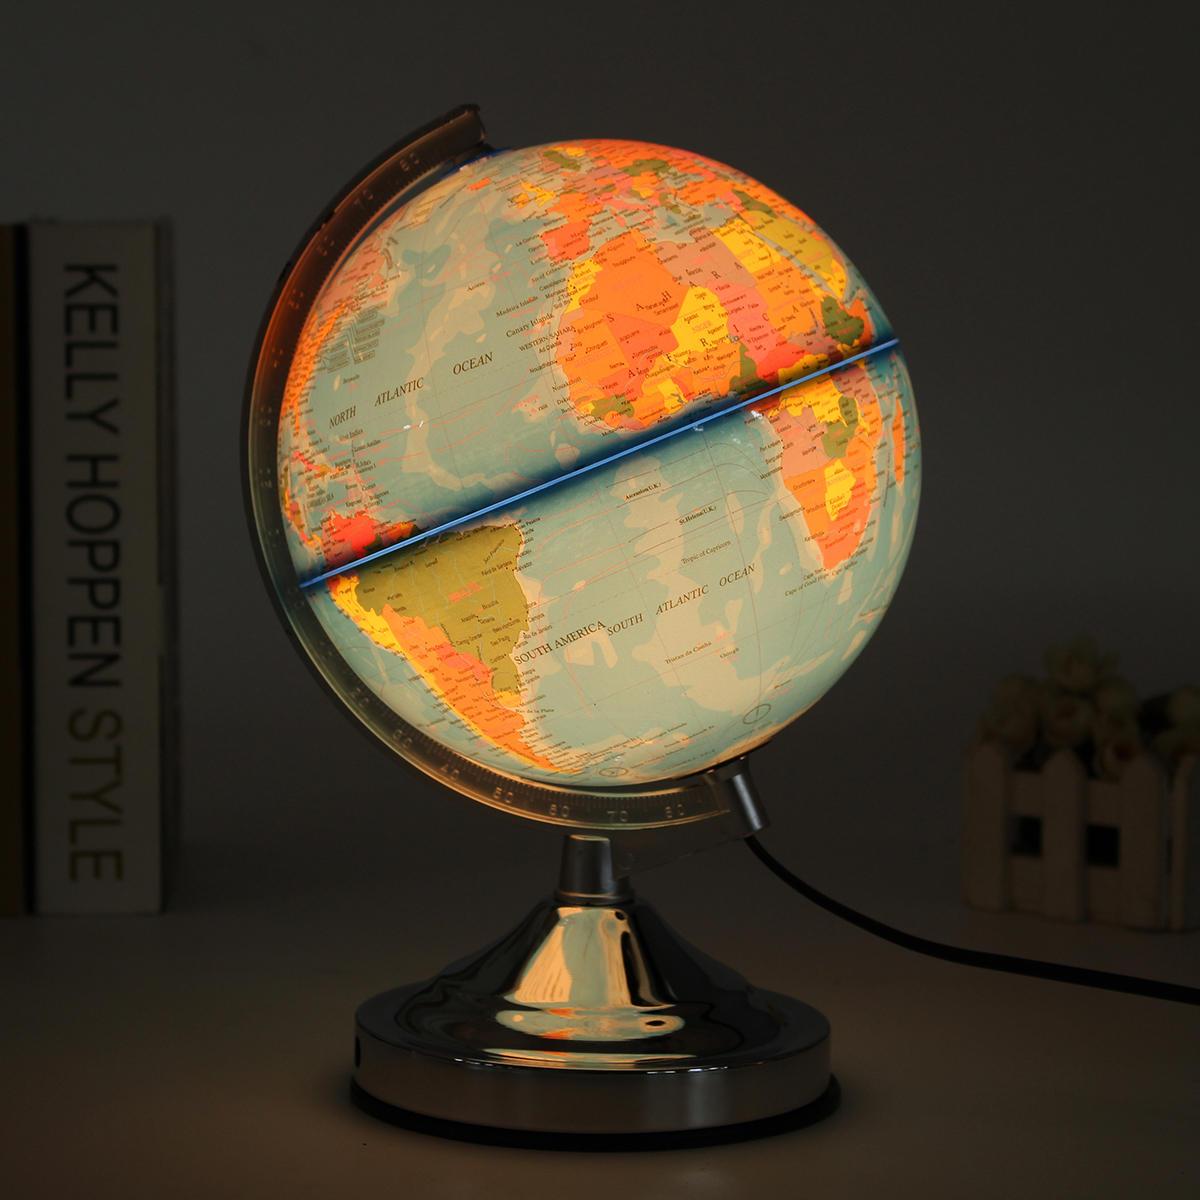 Decoraciones electrónicas iluminadas electrónicas del escritorio de la luz nocturna giratoria del globo del mundo del océano del mundo